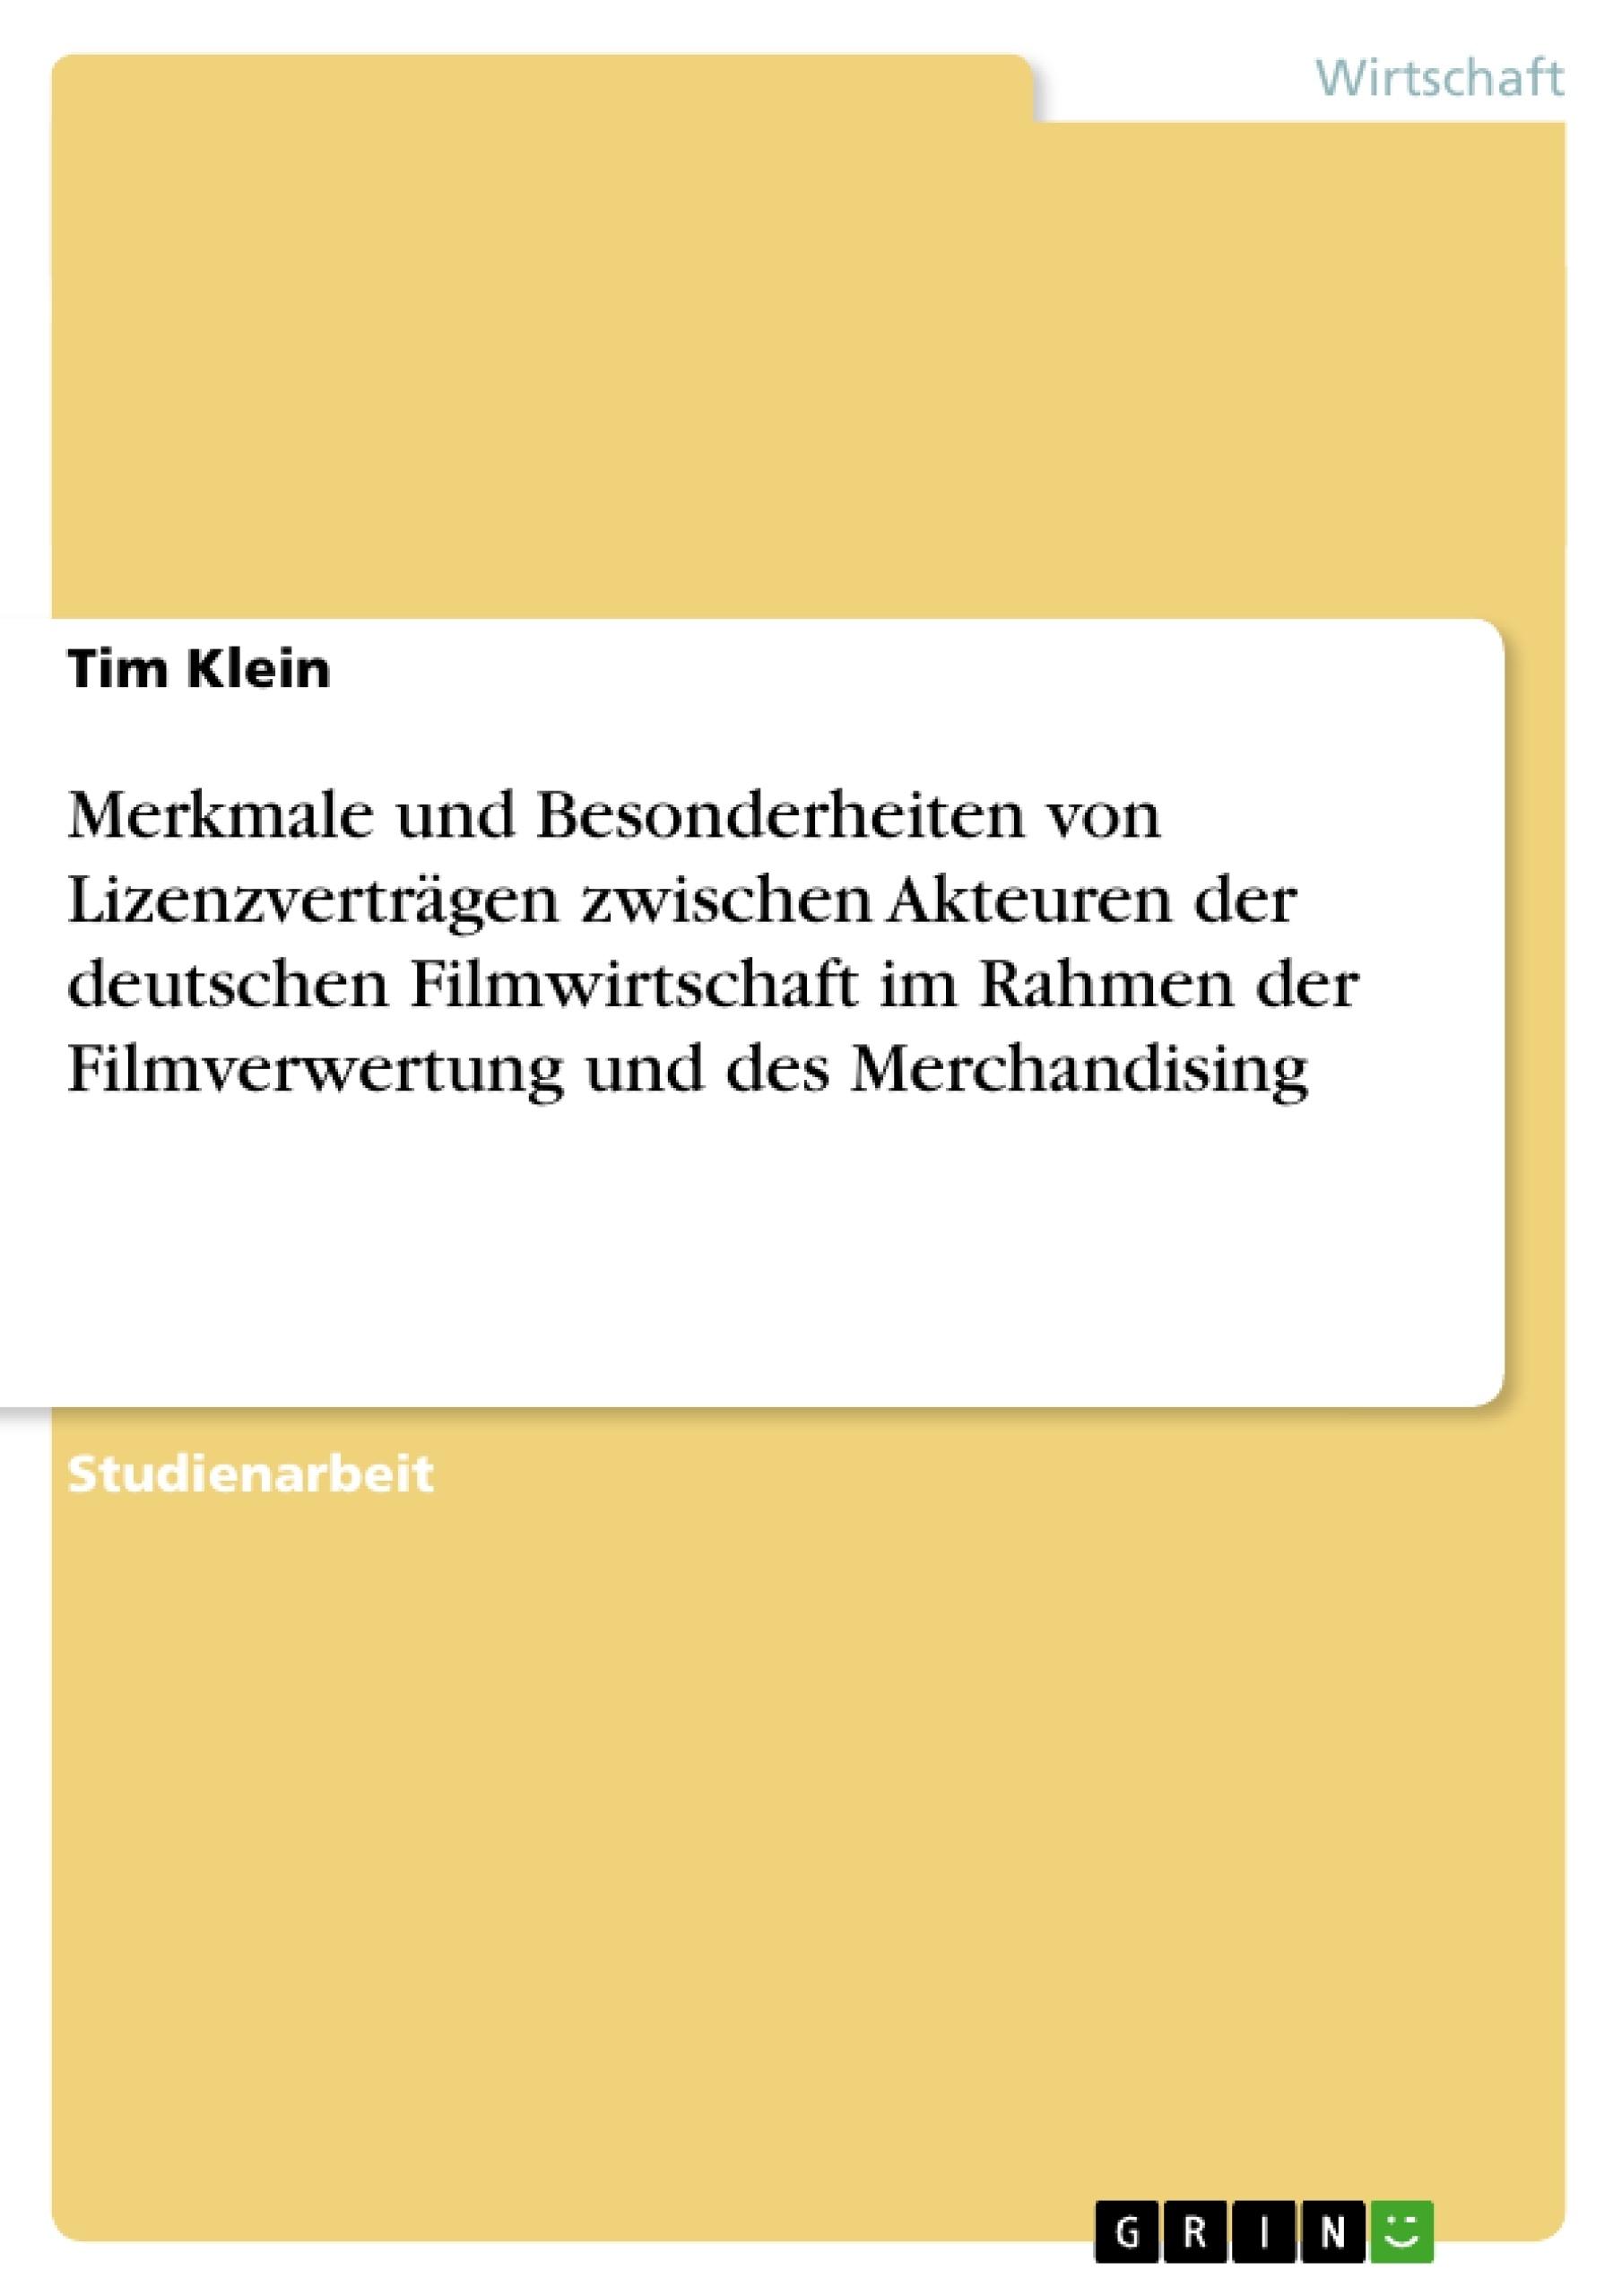 Titel: Merkmale und Besonderheiten von Lizenzverträgen zwischen Akteuren der deutschen Filmwirtschaft im Rahmen der Filmverwertung und des Merchandising